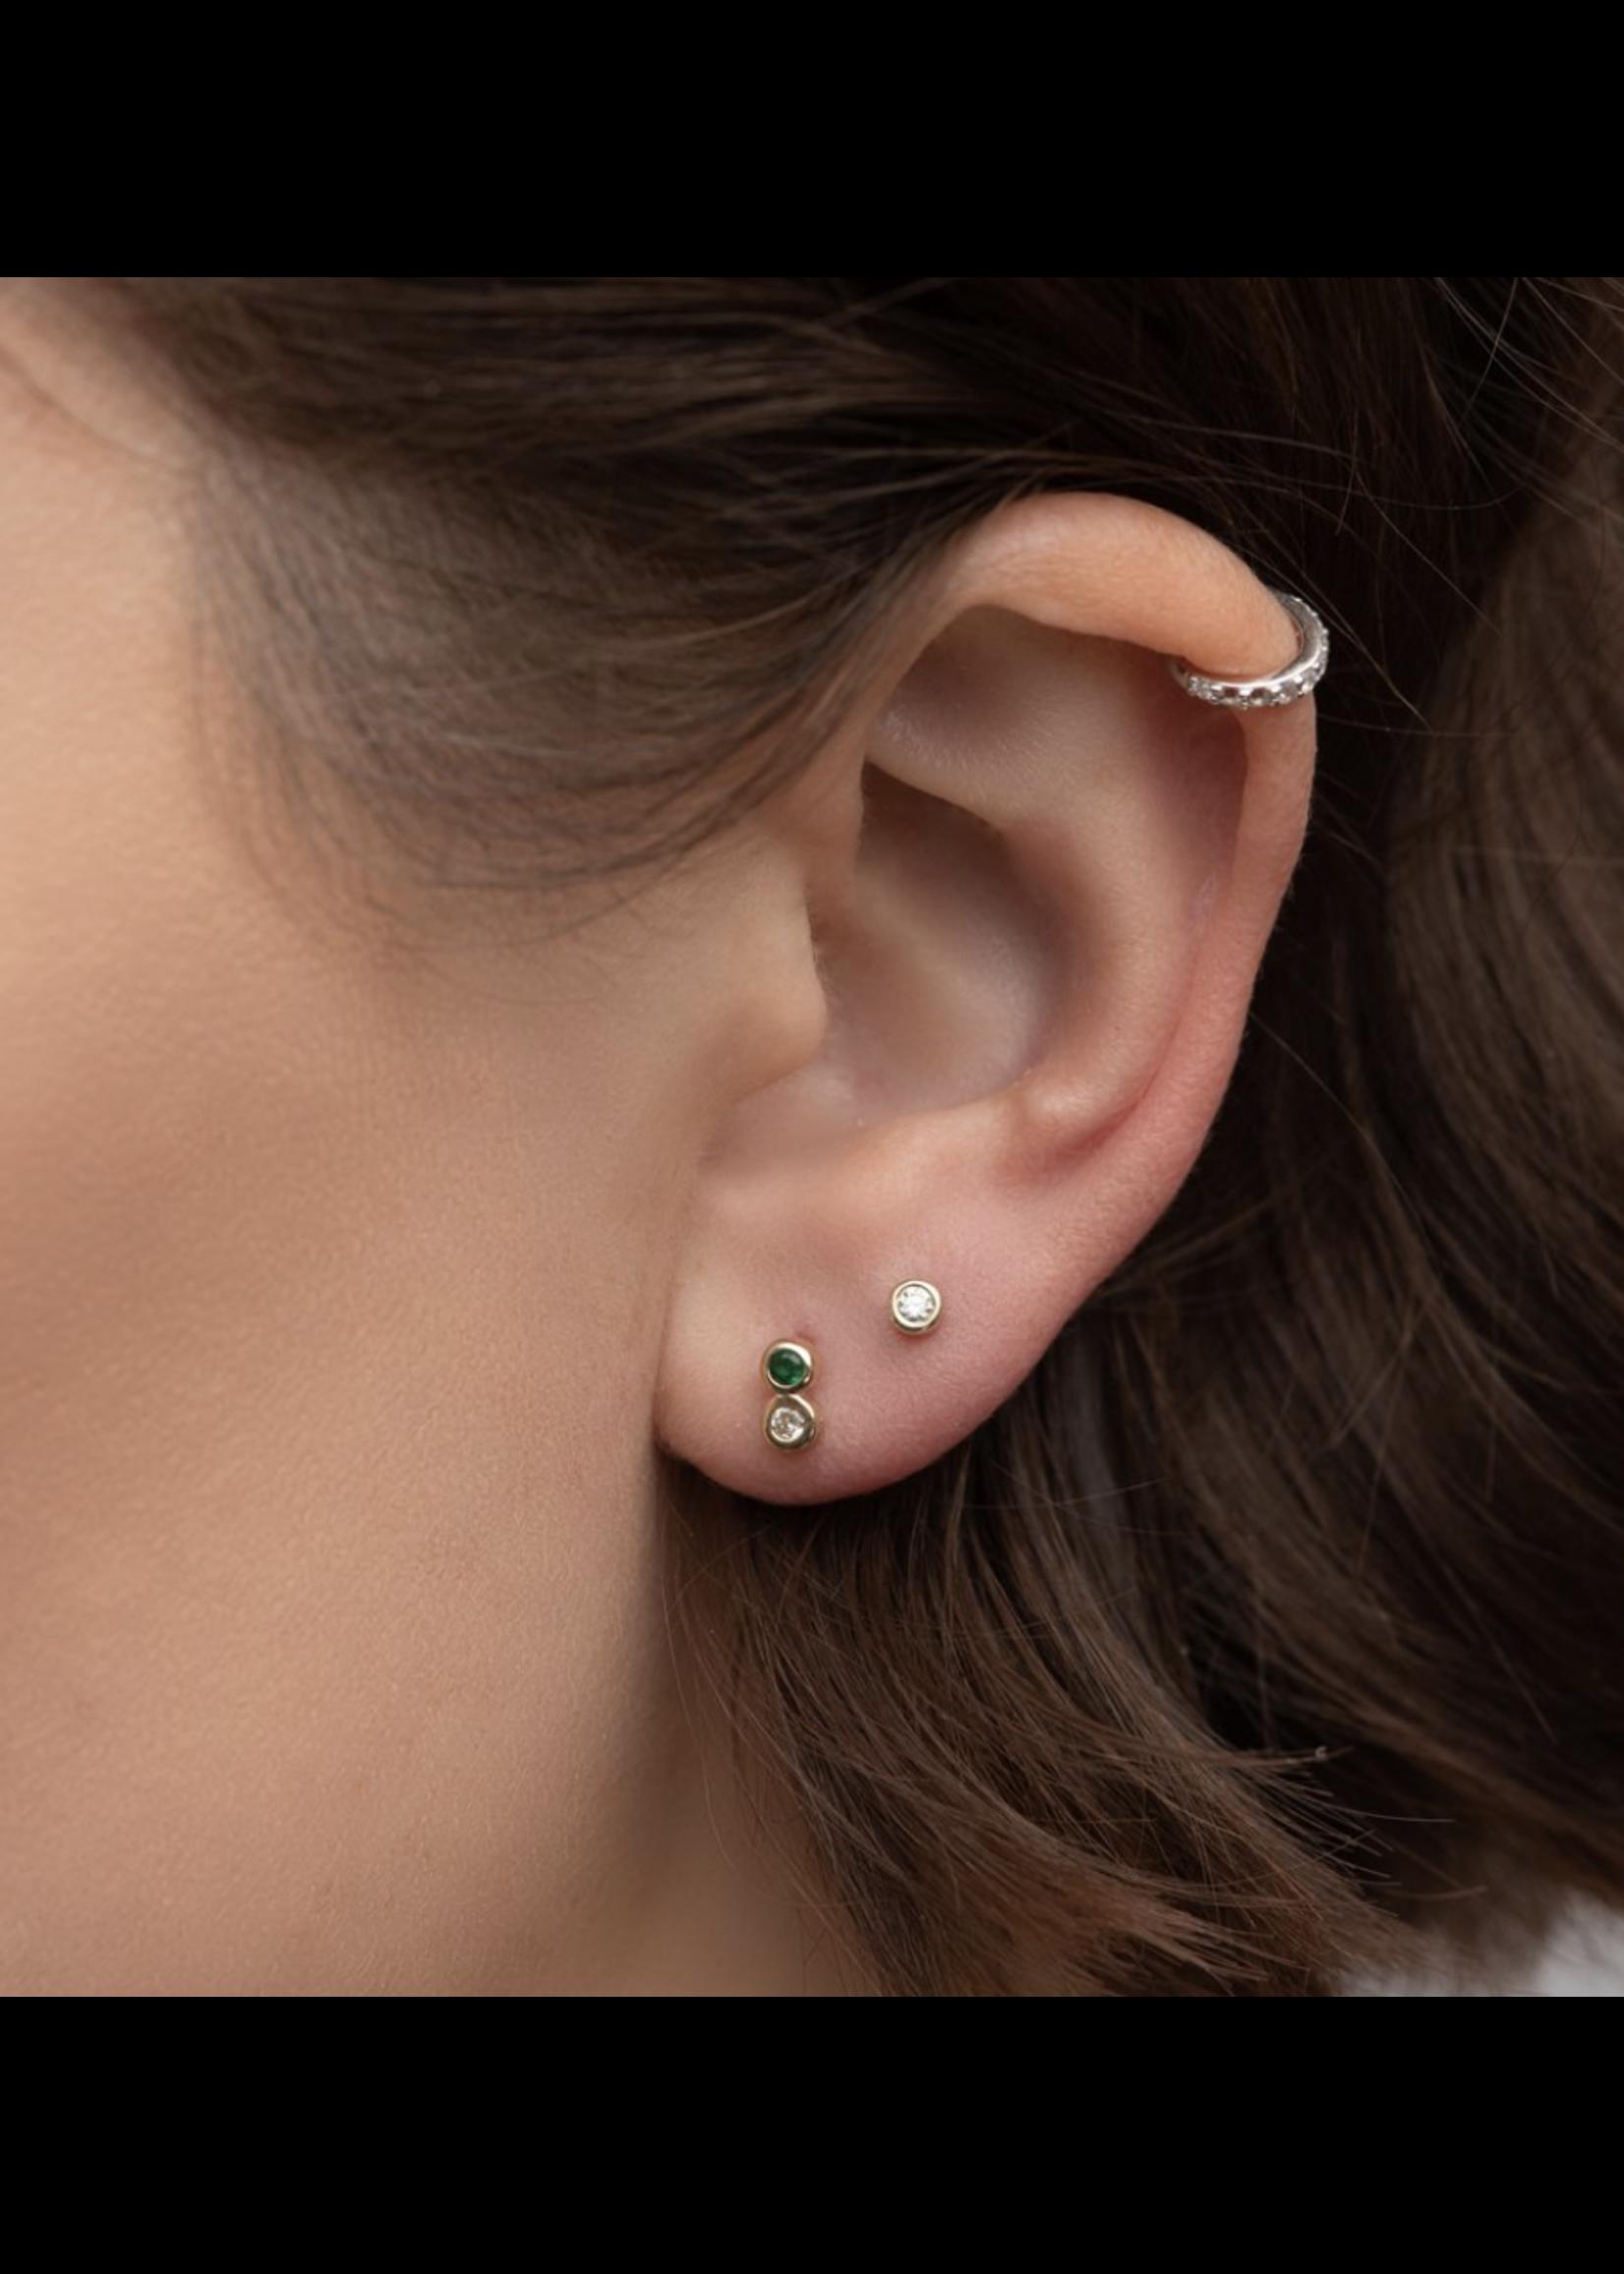 Rachel Reid Emerald & Diamond Duo Stud Earrings